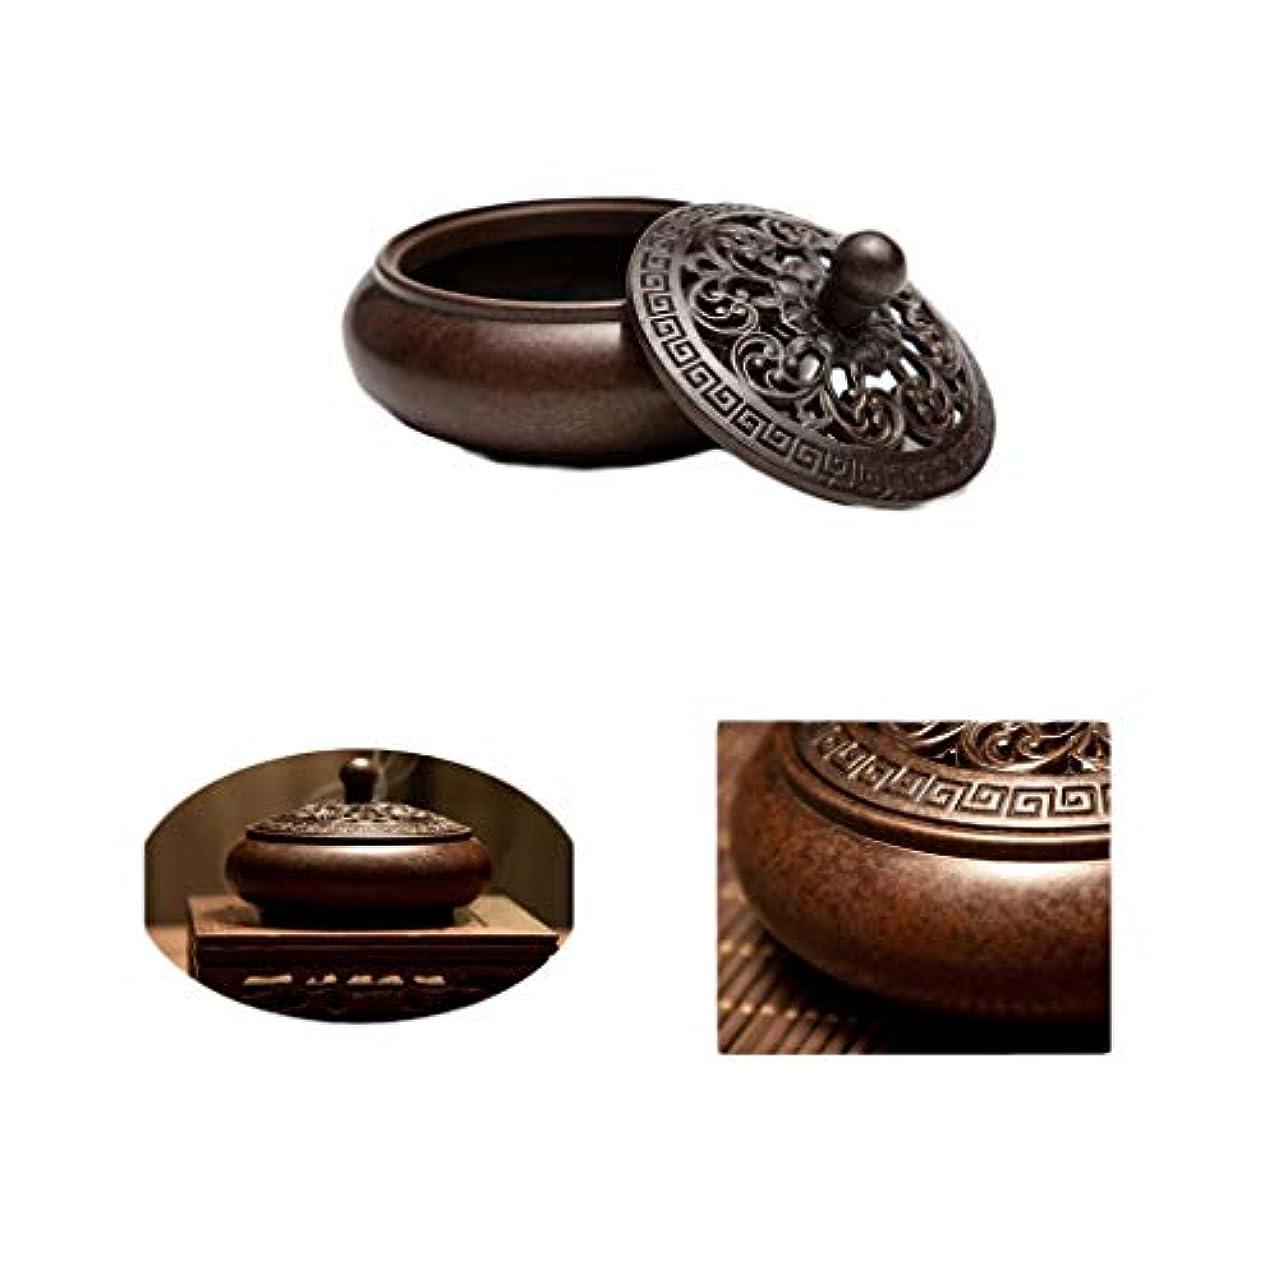 省不倫ミサイルホームアロマバーナー 純銅香炉アンティーク香炉吉祥香炉手作り香炉 アロマバーナー (Color : Brass)